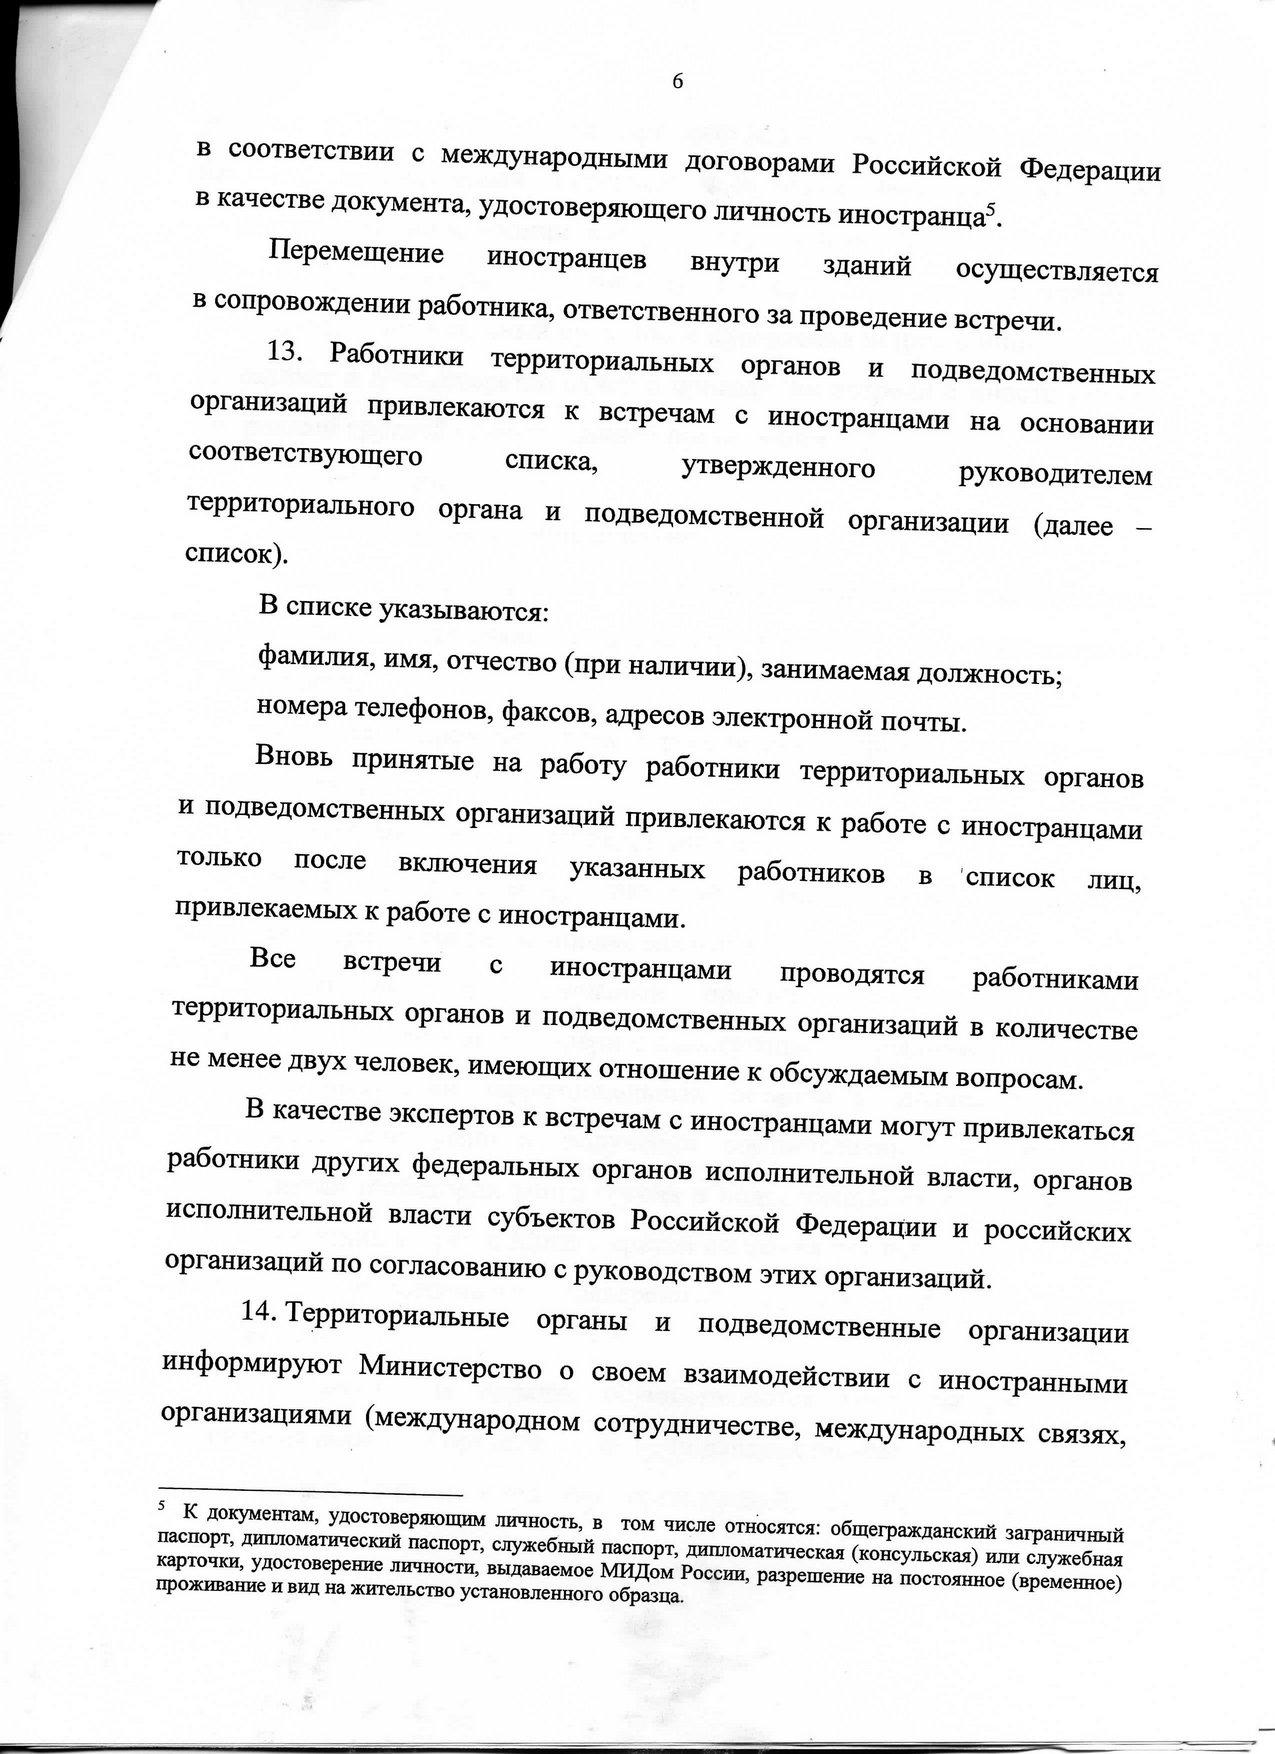 Вход по паспорту, отбирать часы. Российские учёные возмущены приказом Минобрнауки о правилах контактов с иностранцами - 5